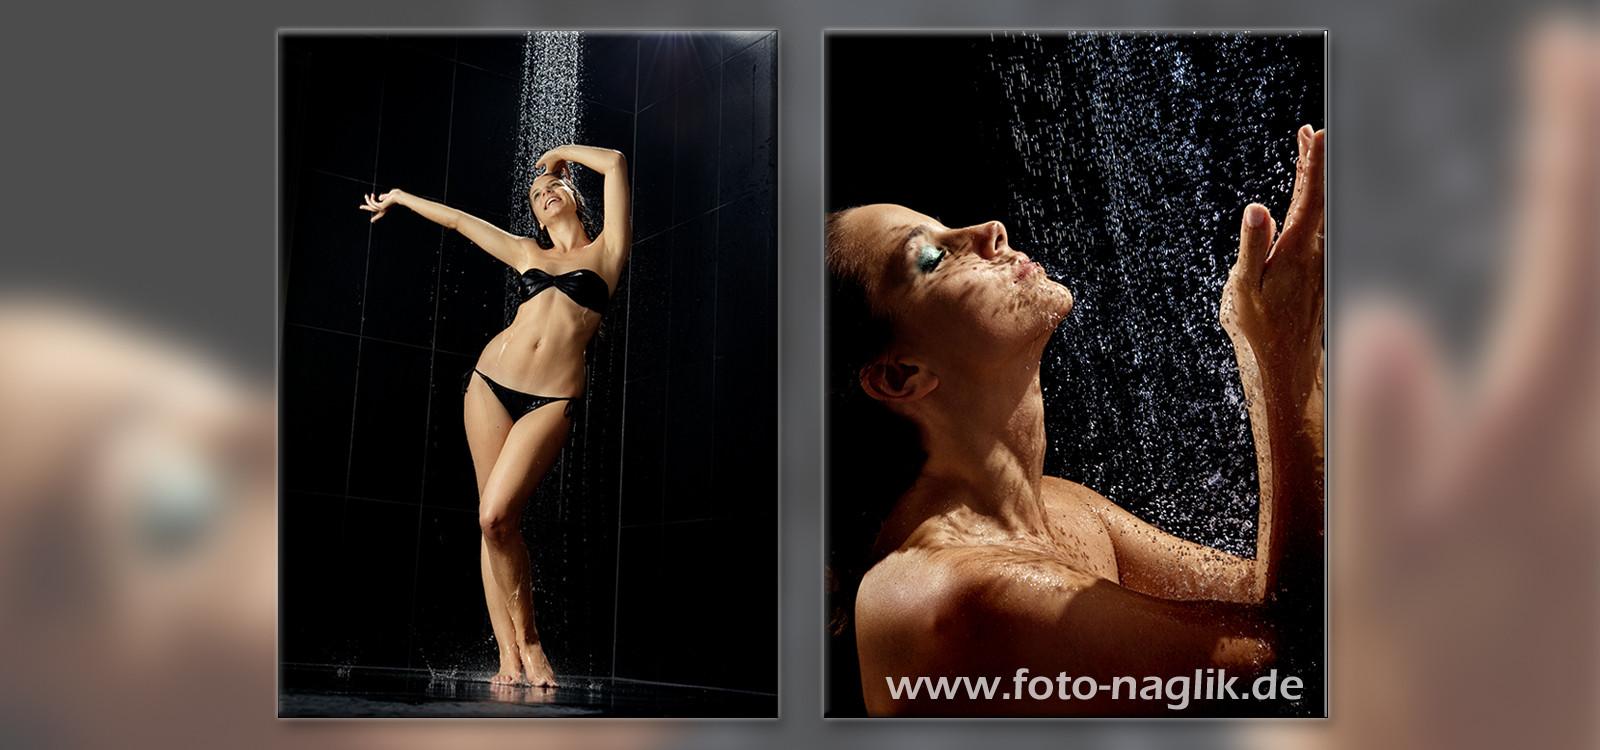 Naglik-Foto-Erding-Akt-W6021